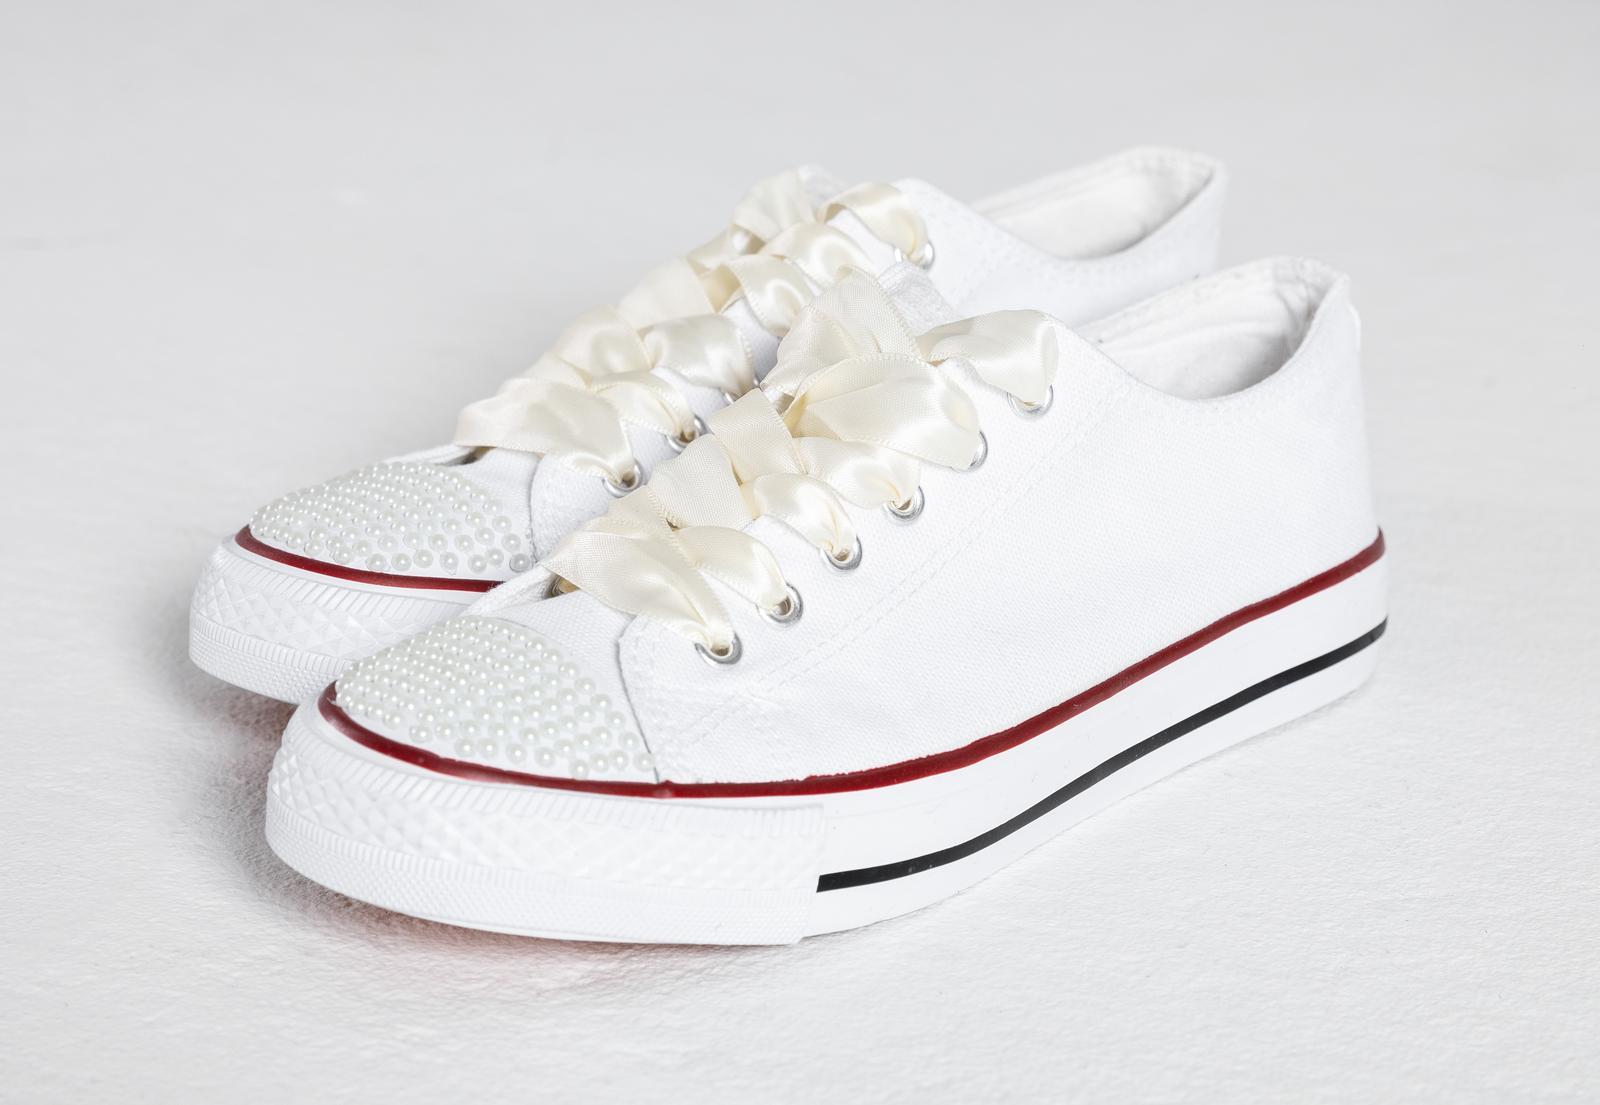 Svatební tenisky / botasky, vel 36-40 - Obrázek č. 1